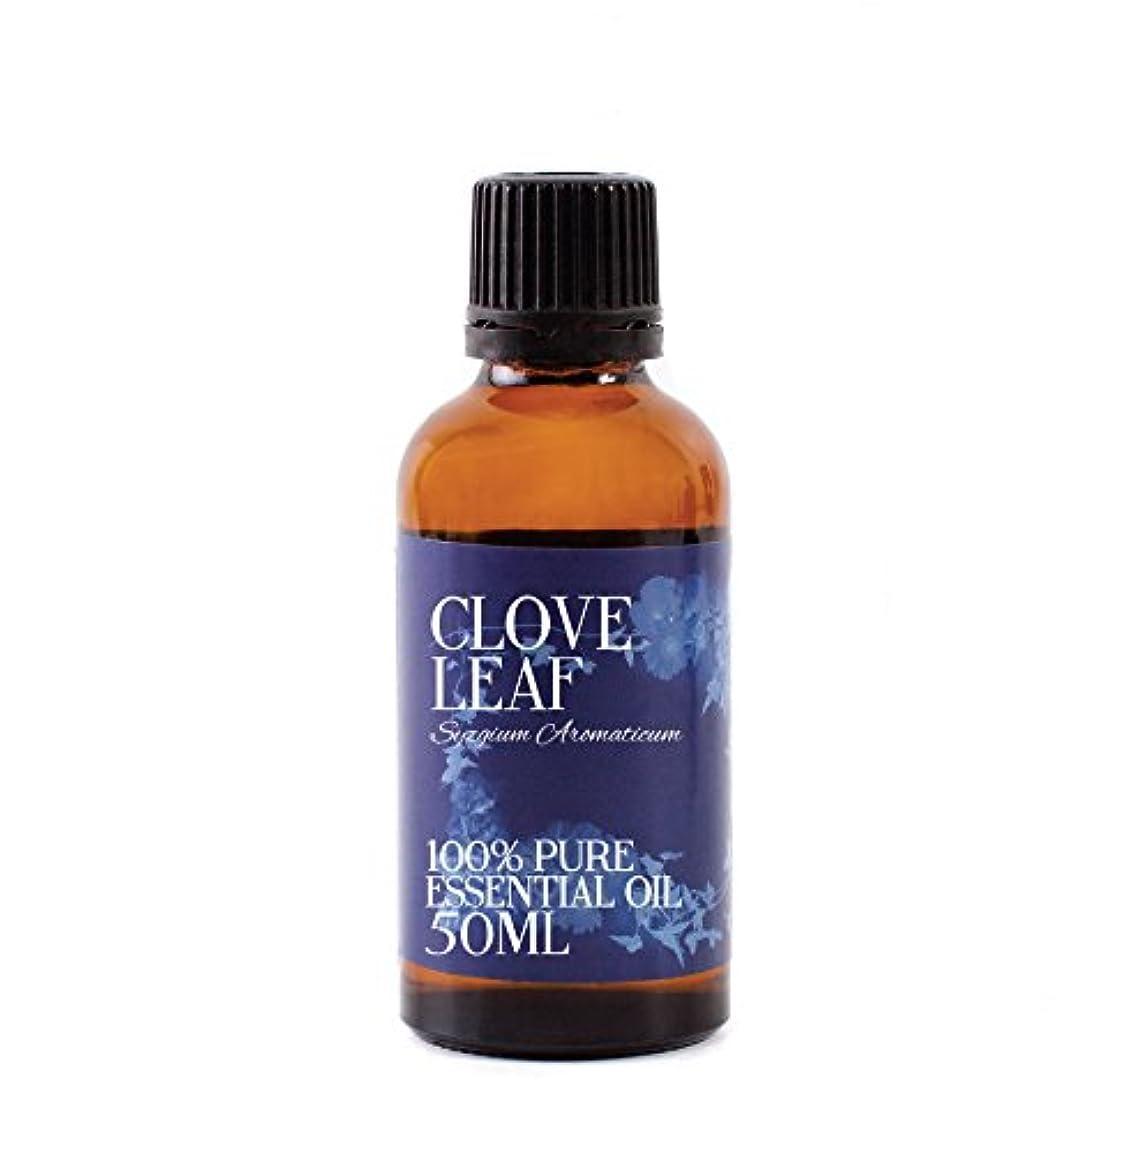 怒って読むソーセージMystic Moments | Clove Leaf Essential Oil - 50ml - 100% Pure